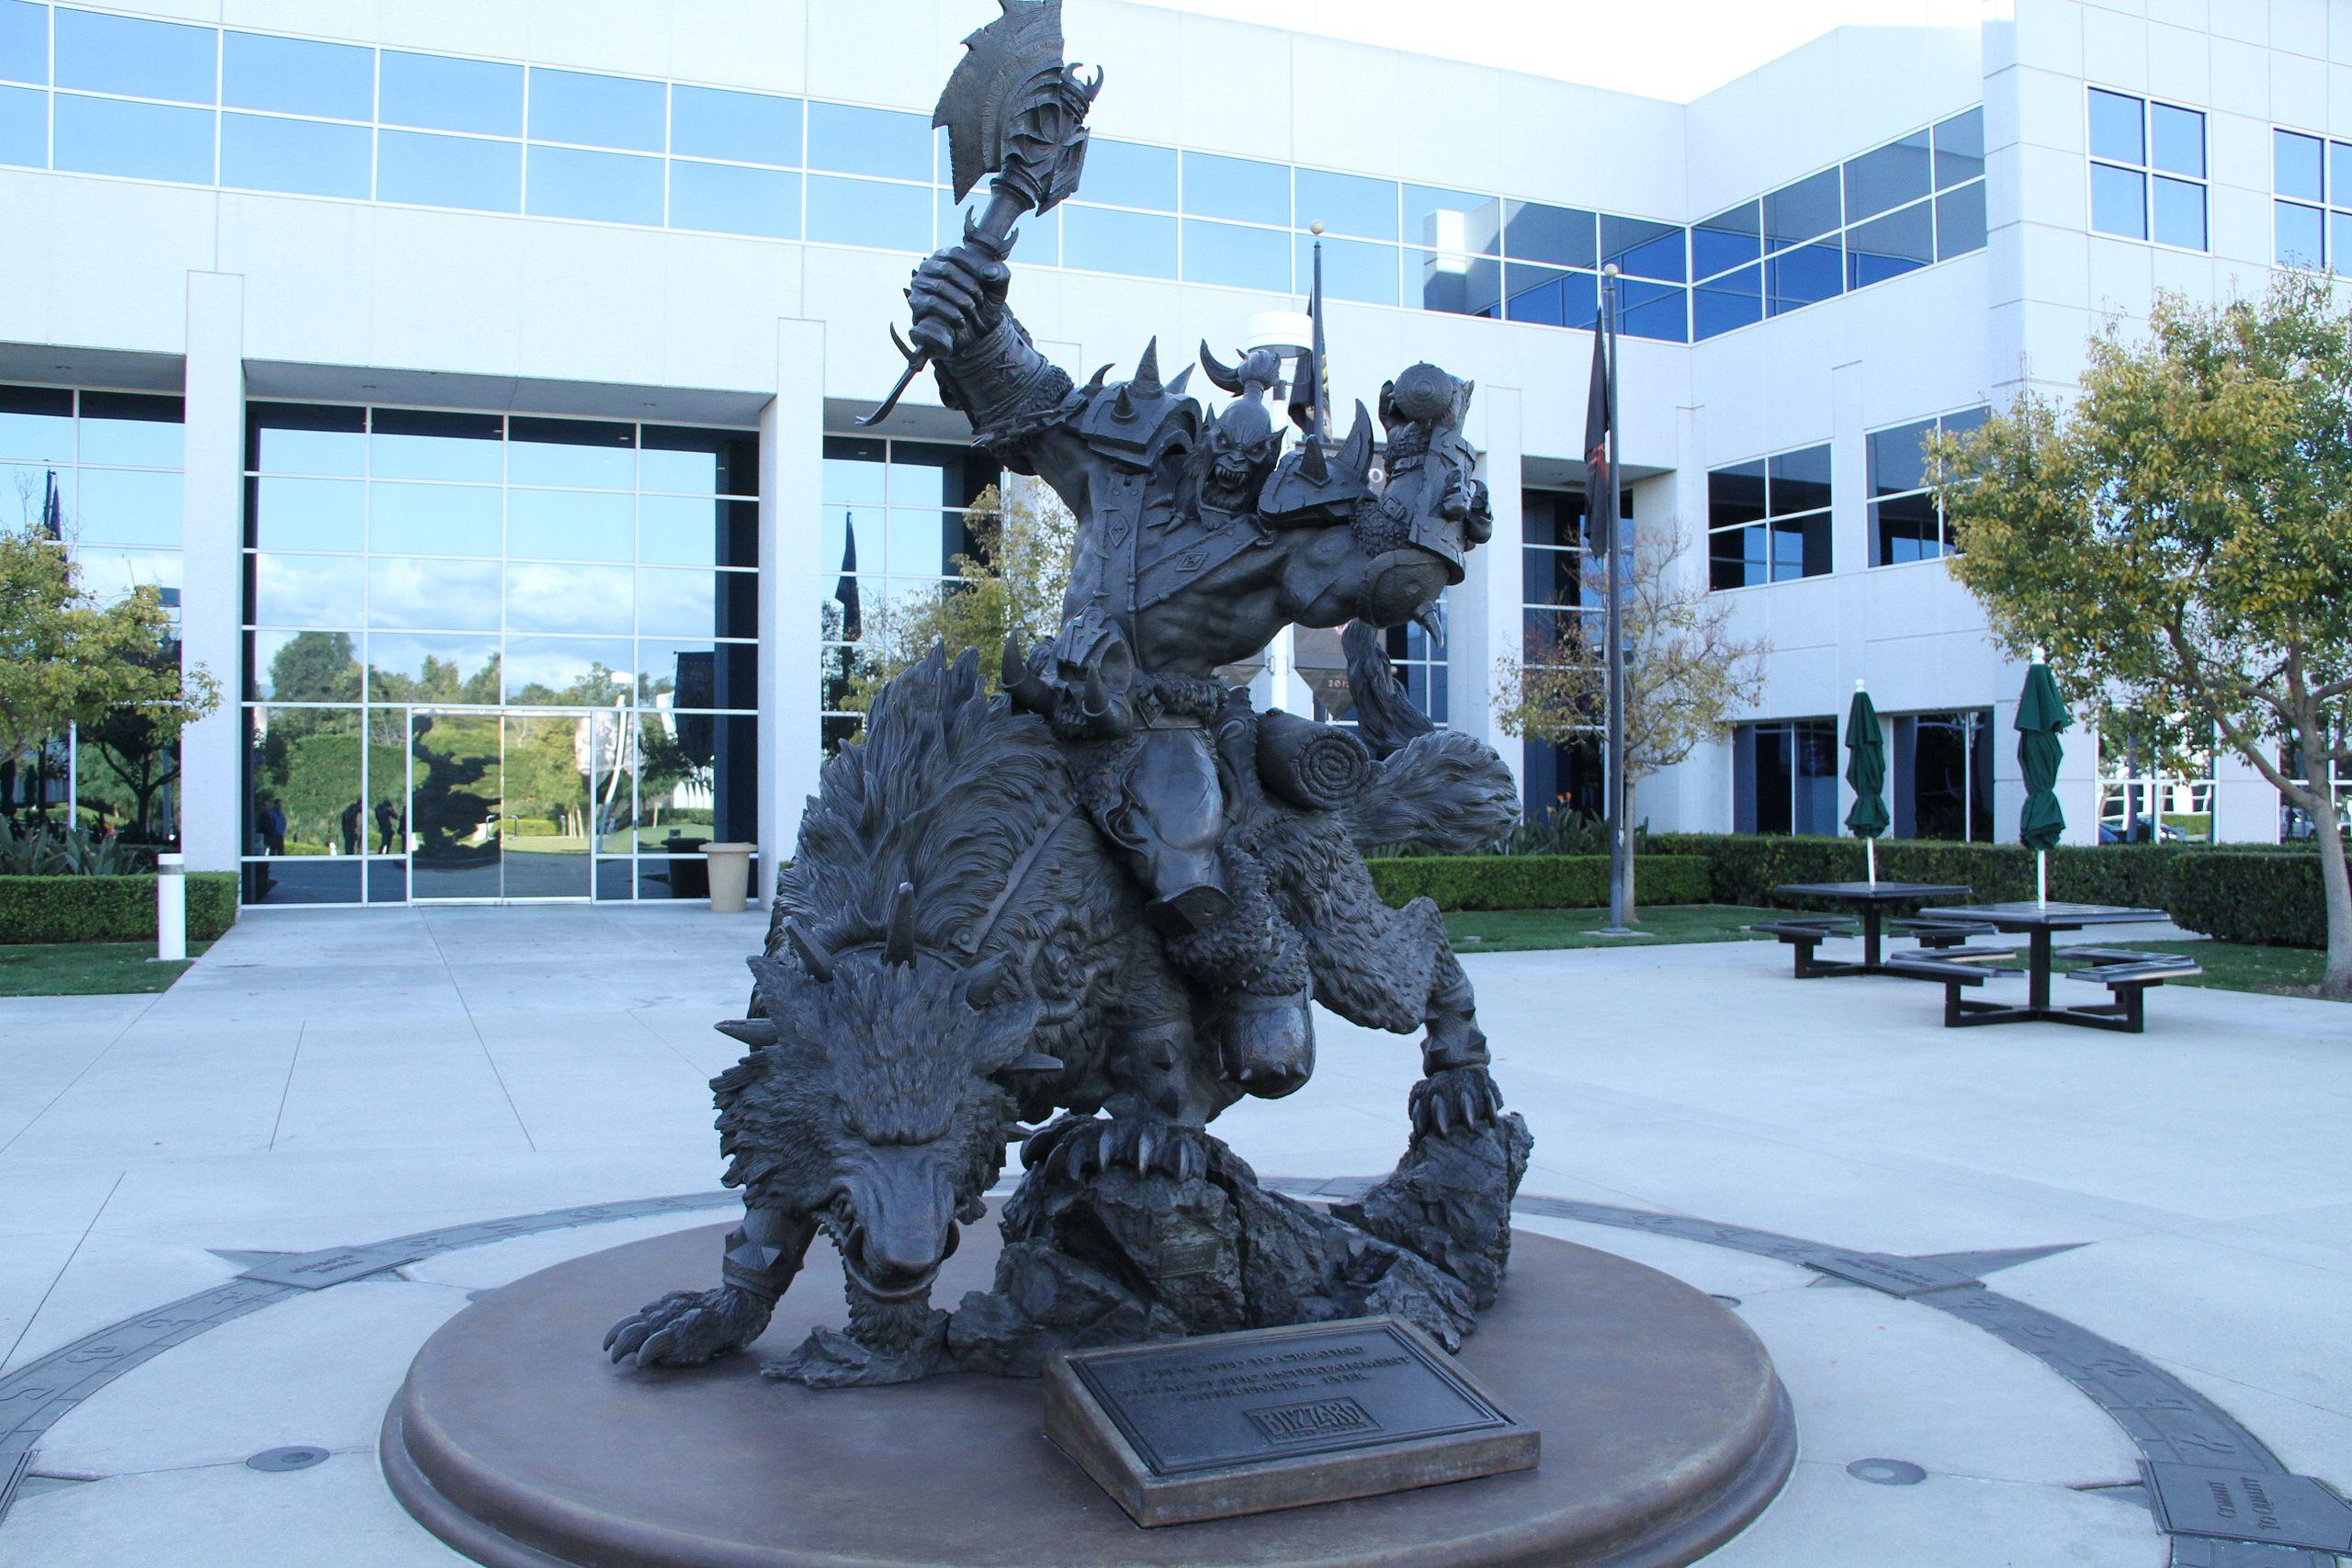 Activision Blizzard anklagas för ha förstört dokument Har dokumentförstöraren gått varm under sommaren?